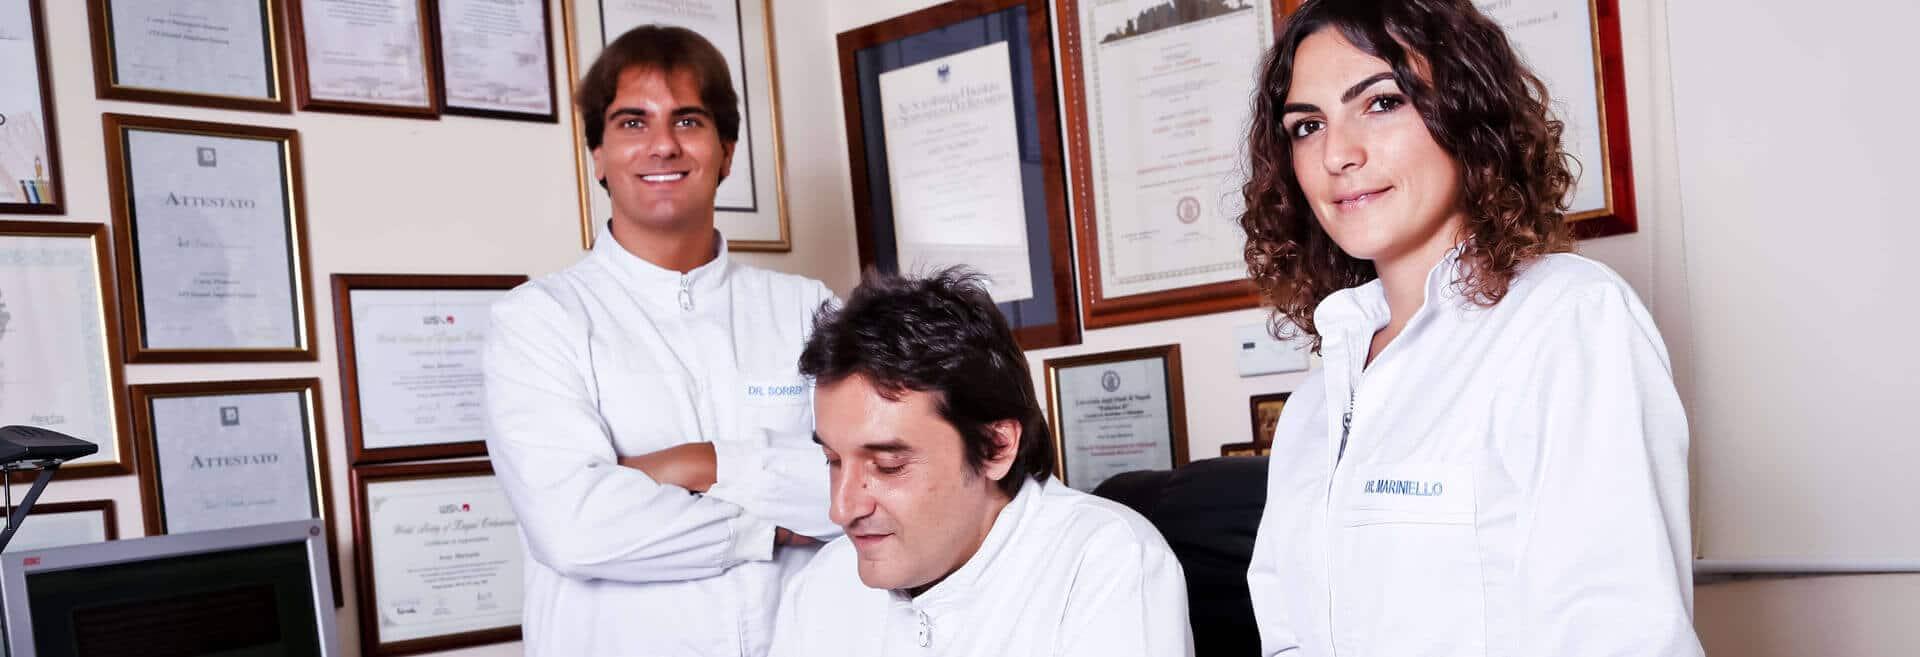 Fabio Cozzolino, Anna Mariniello e Roberto Sorrentino